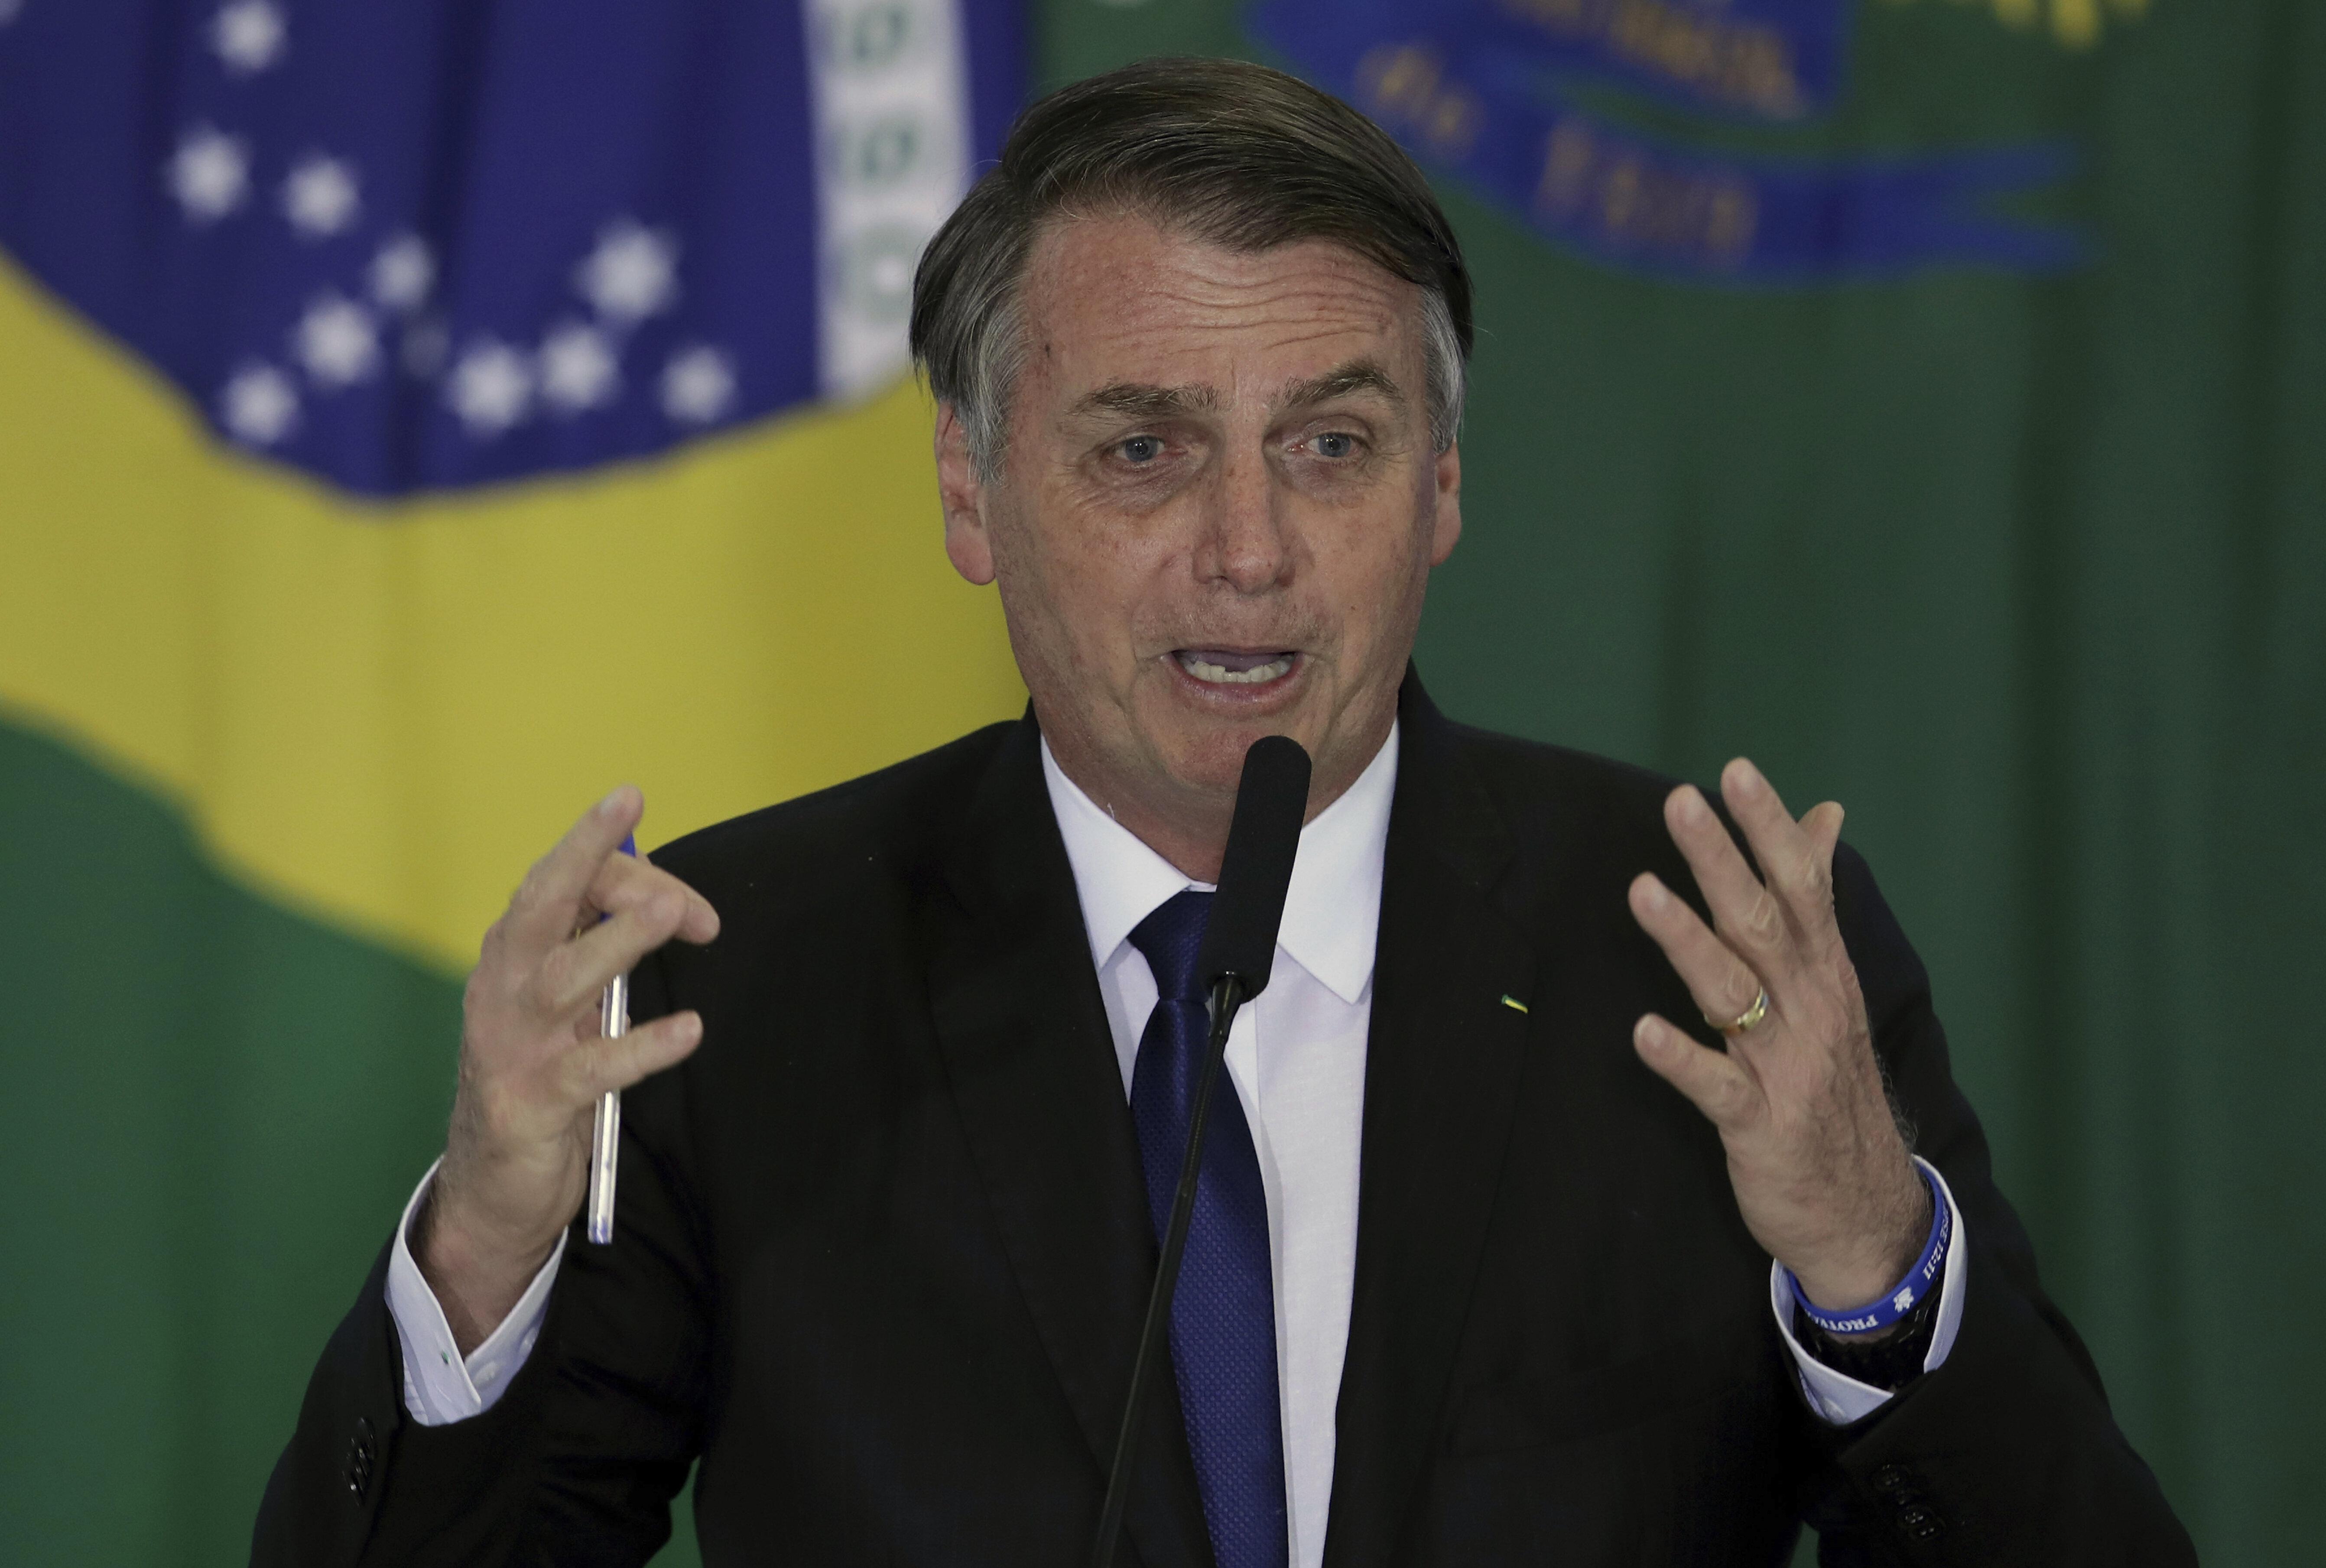 'Passei para meia dúzia de pessoas', diz Bolsonaro sobre texto polêmico veiculado pelo